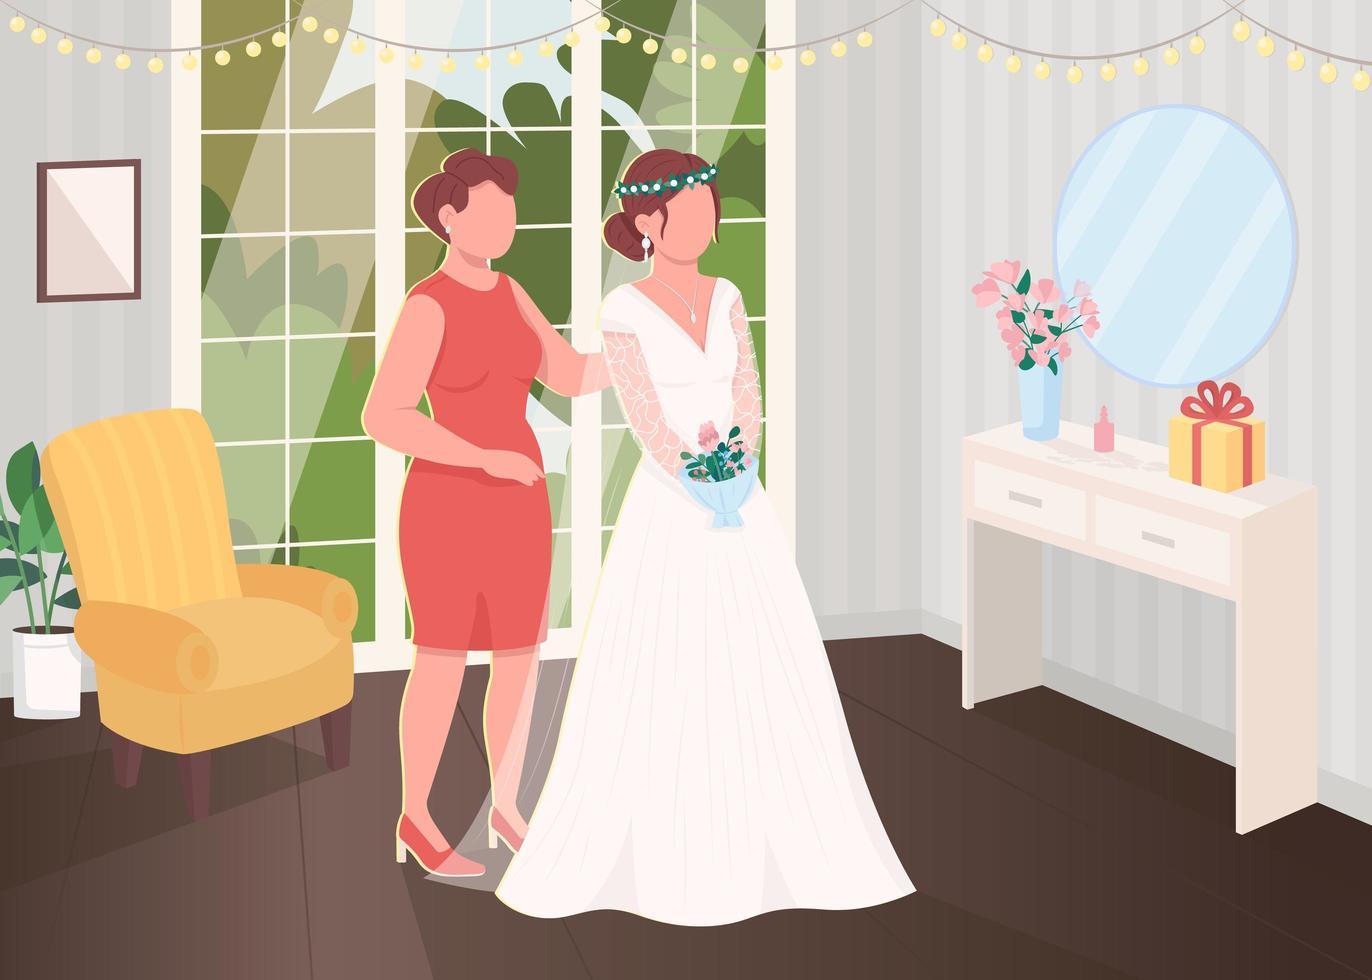 préparation de la mariée avec demoiselle d'honneur vecteur